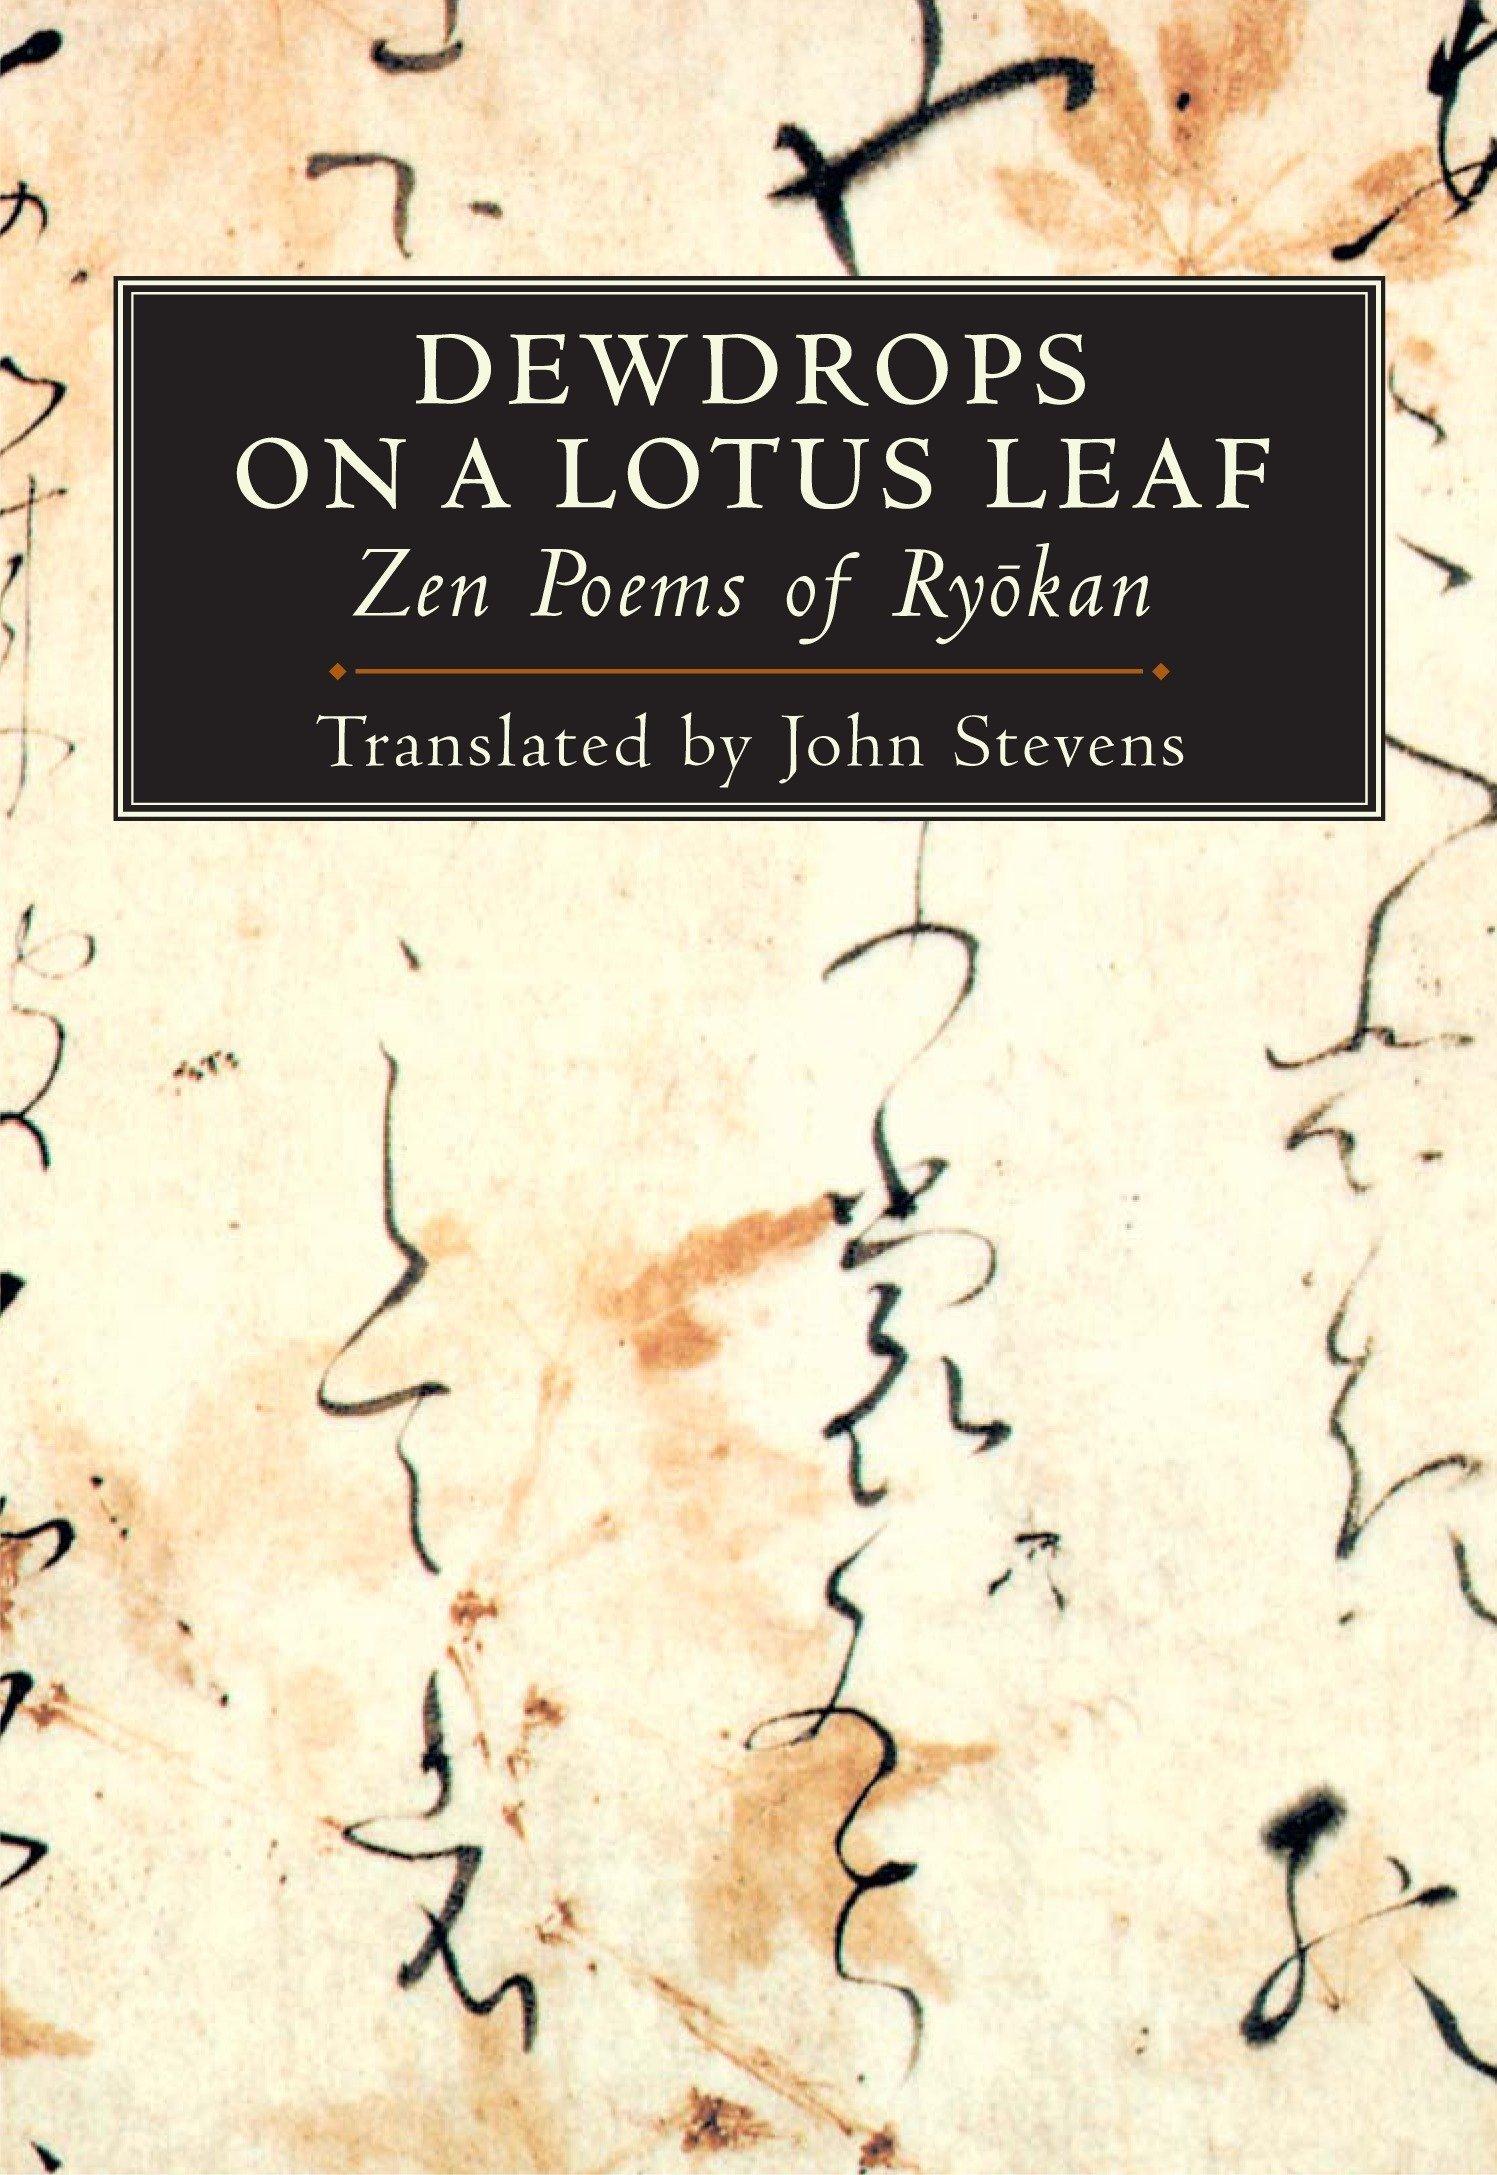 Dewdrops On A Lotus Leaf Zen Poems Of Ryokan Ryokan John Stevens